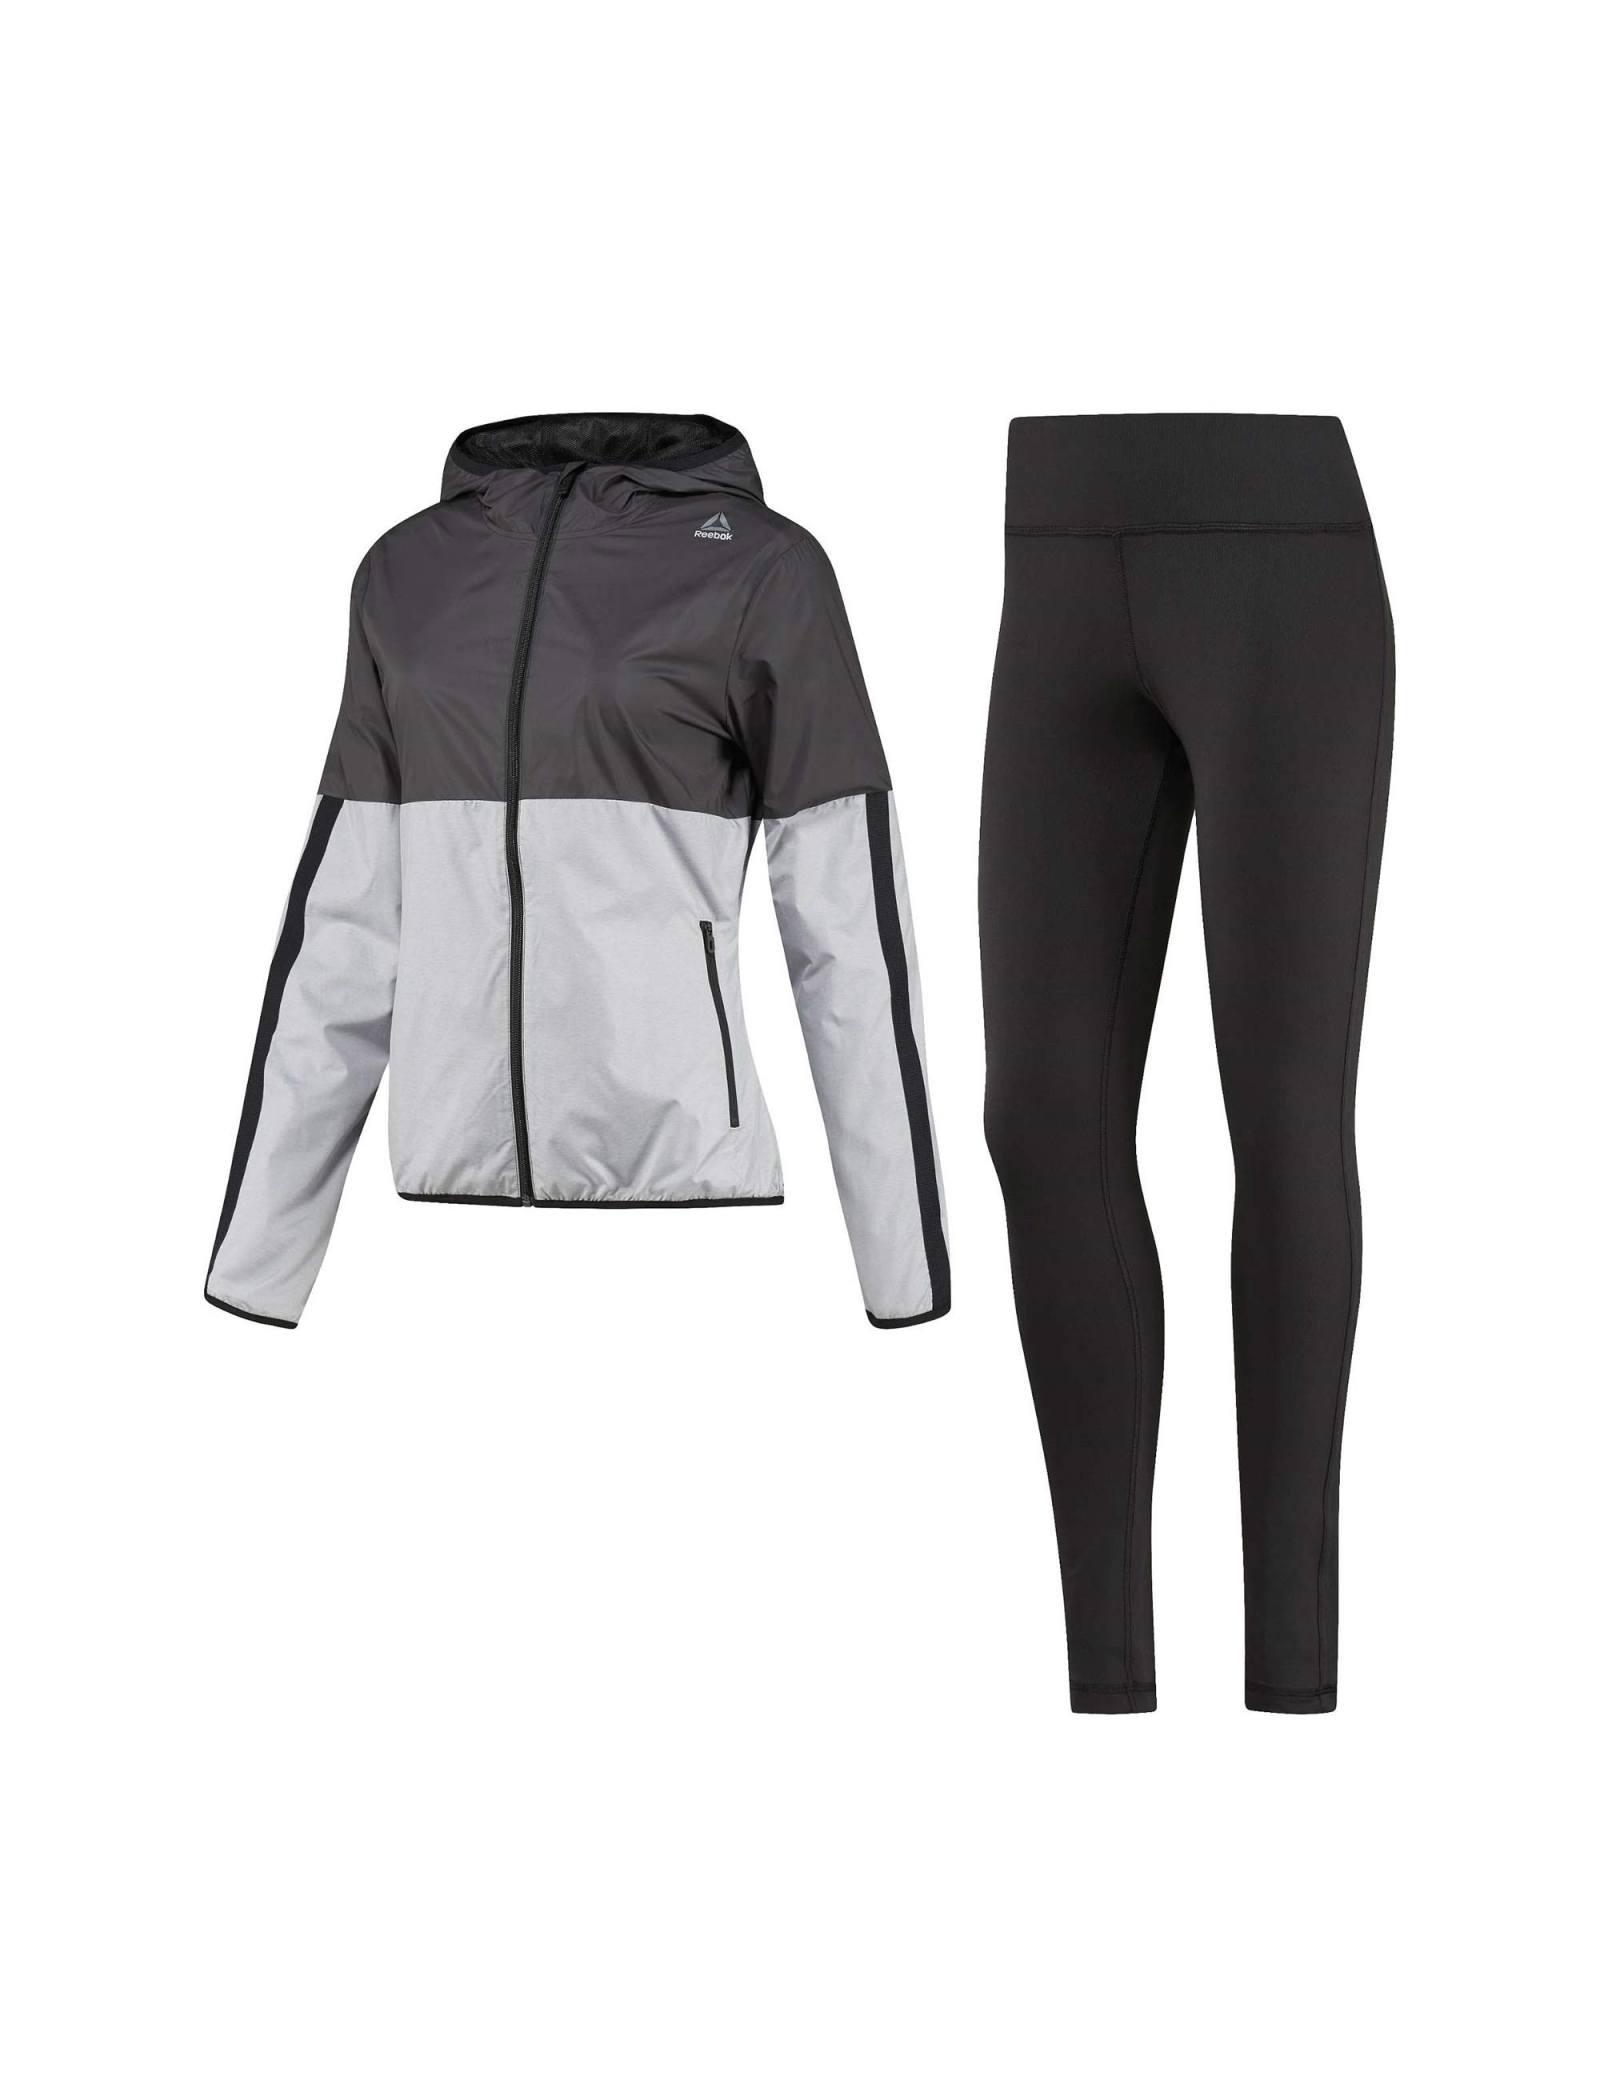 ست گرمکن ورزشی زنانه EL TS SPORT - ریباک - مشکي - 1